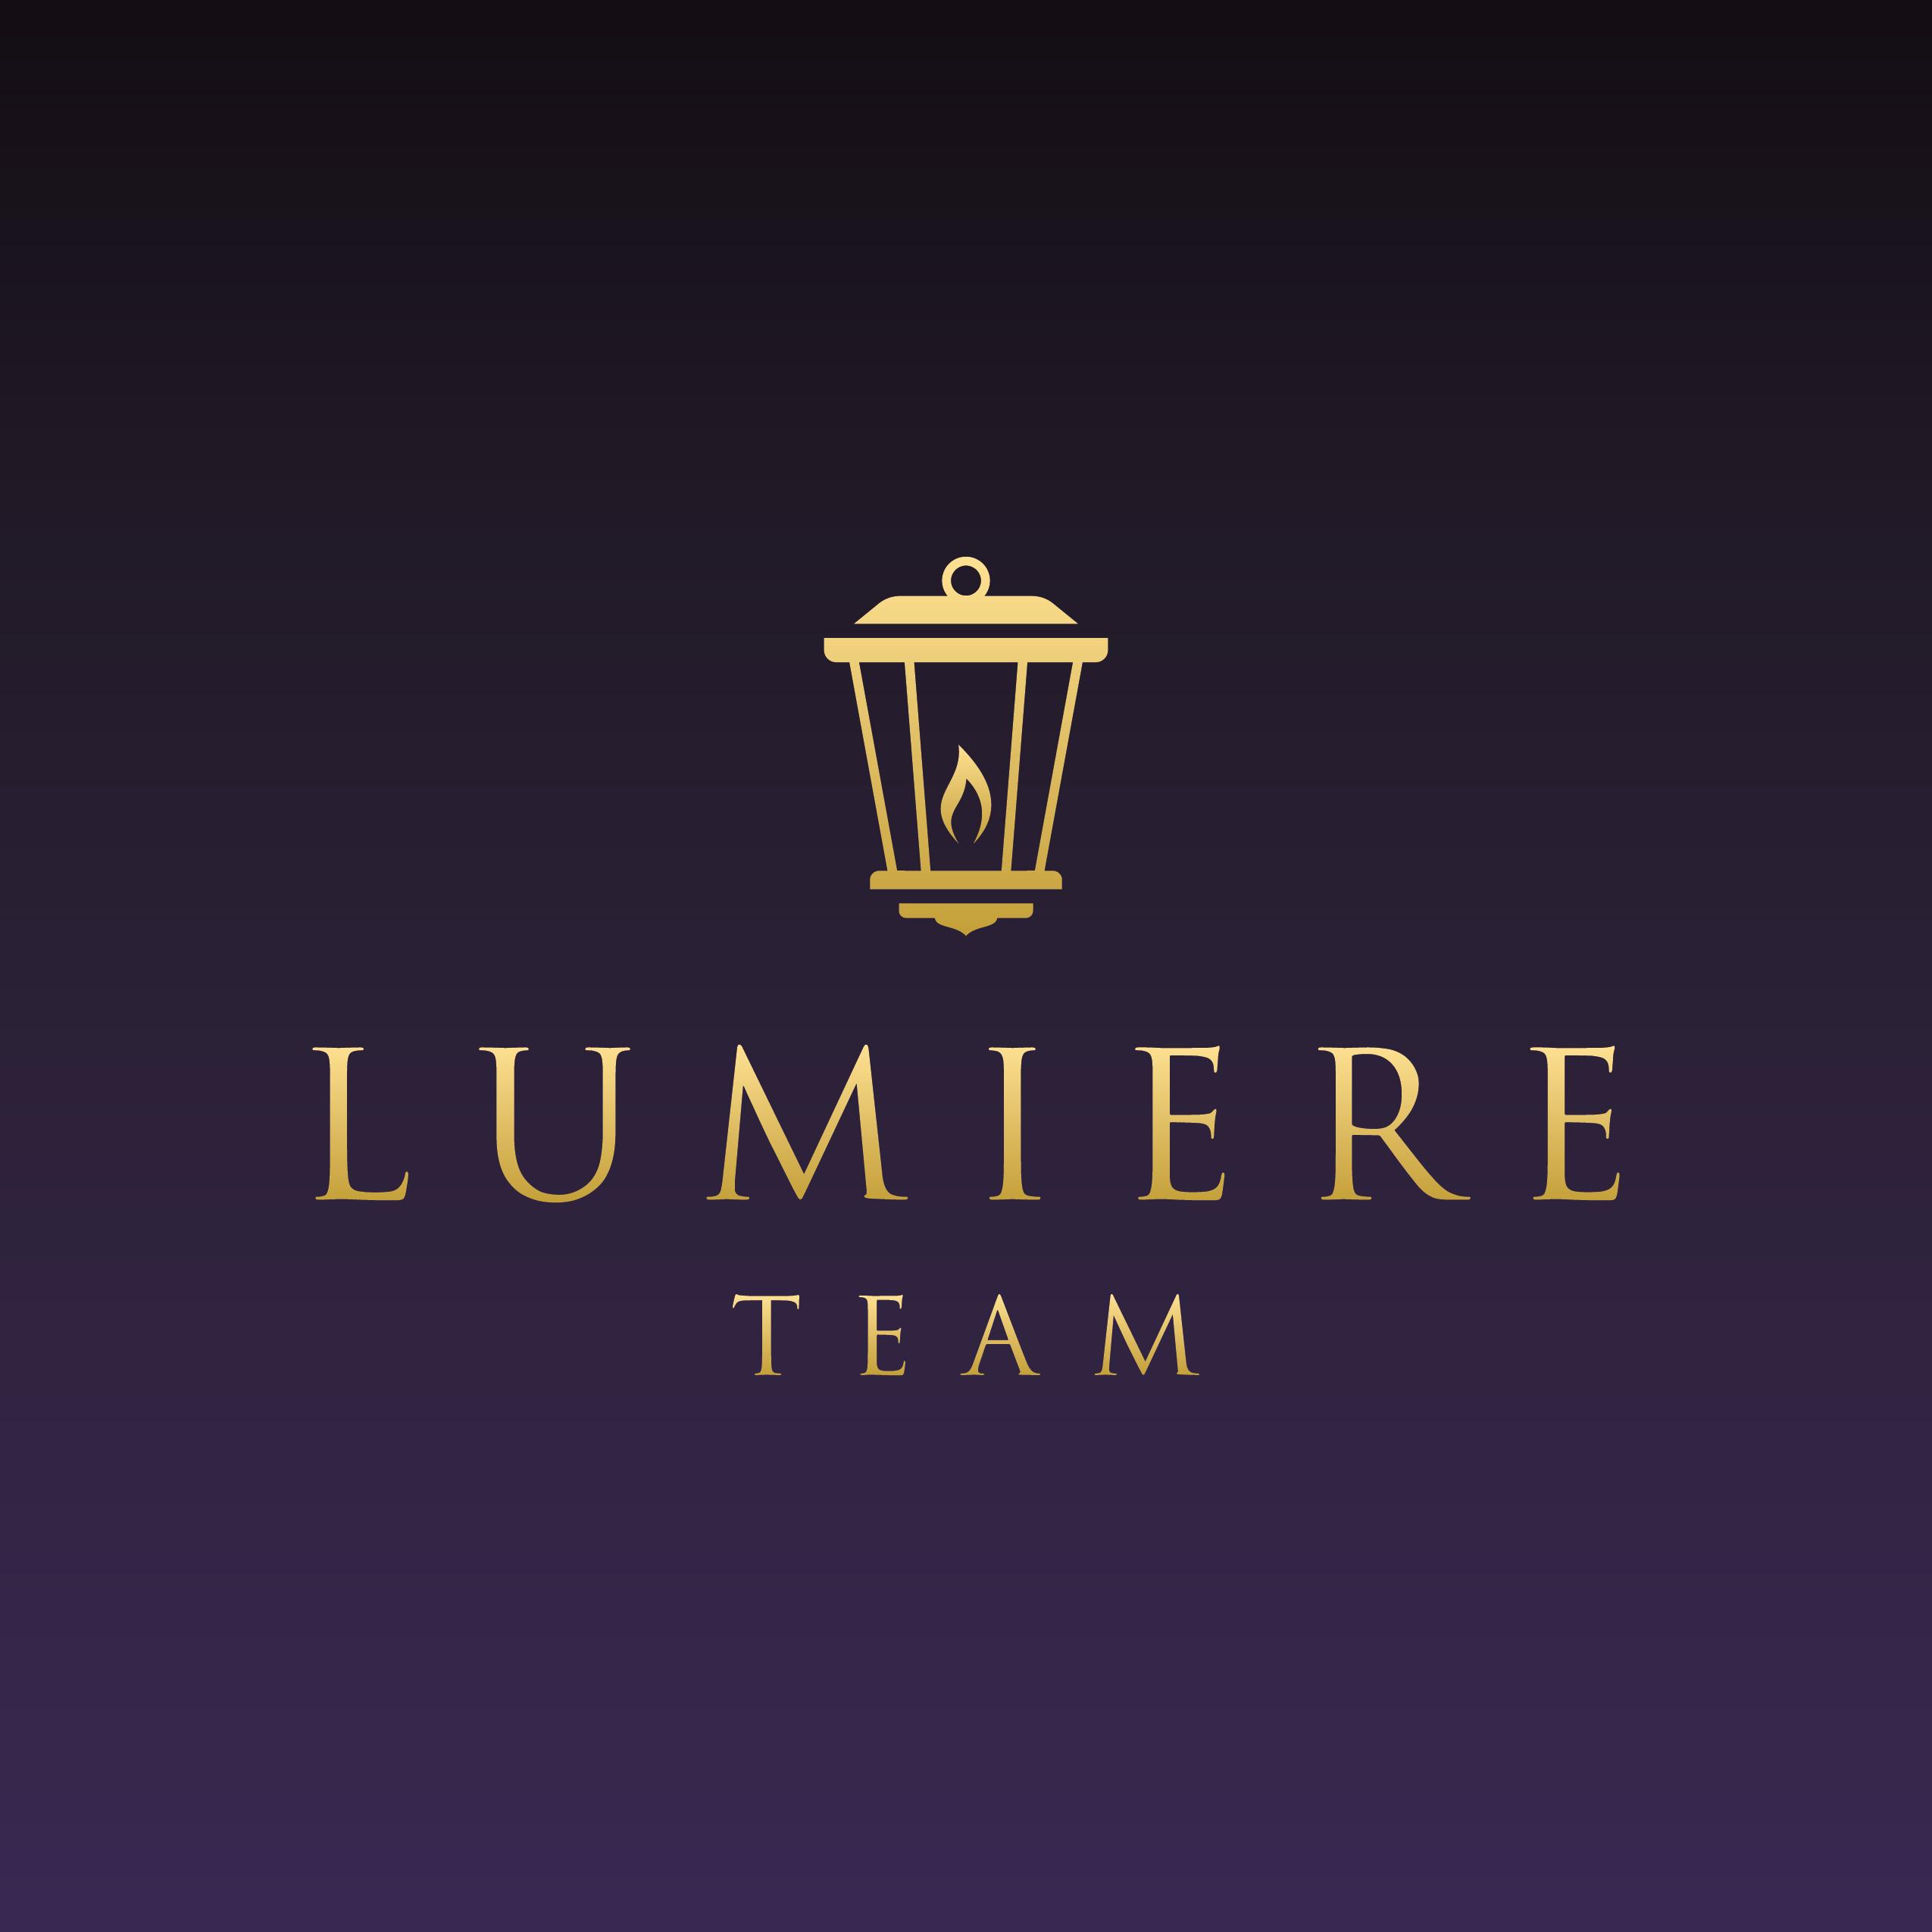 Lumiere Team at Keller Williams